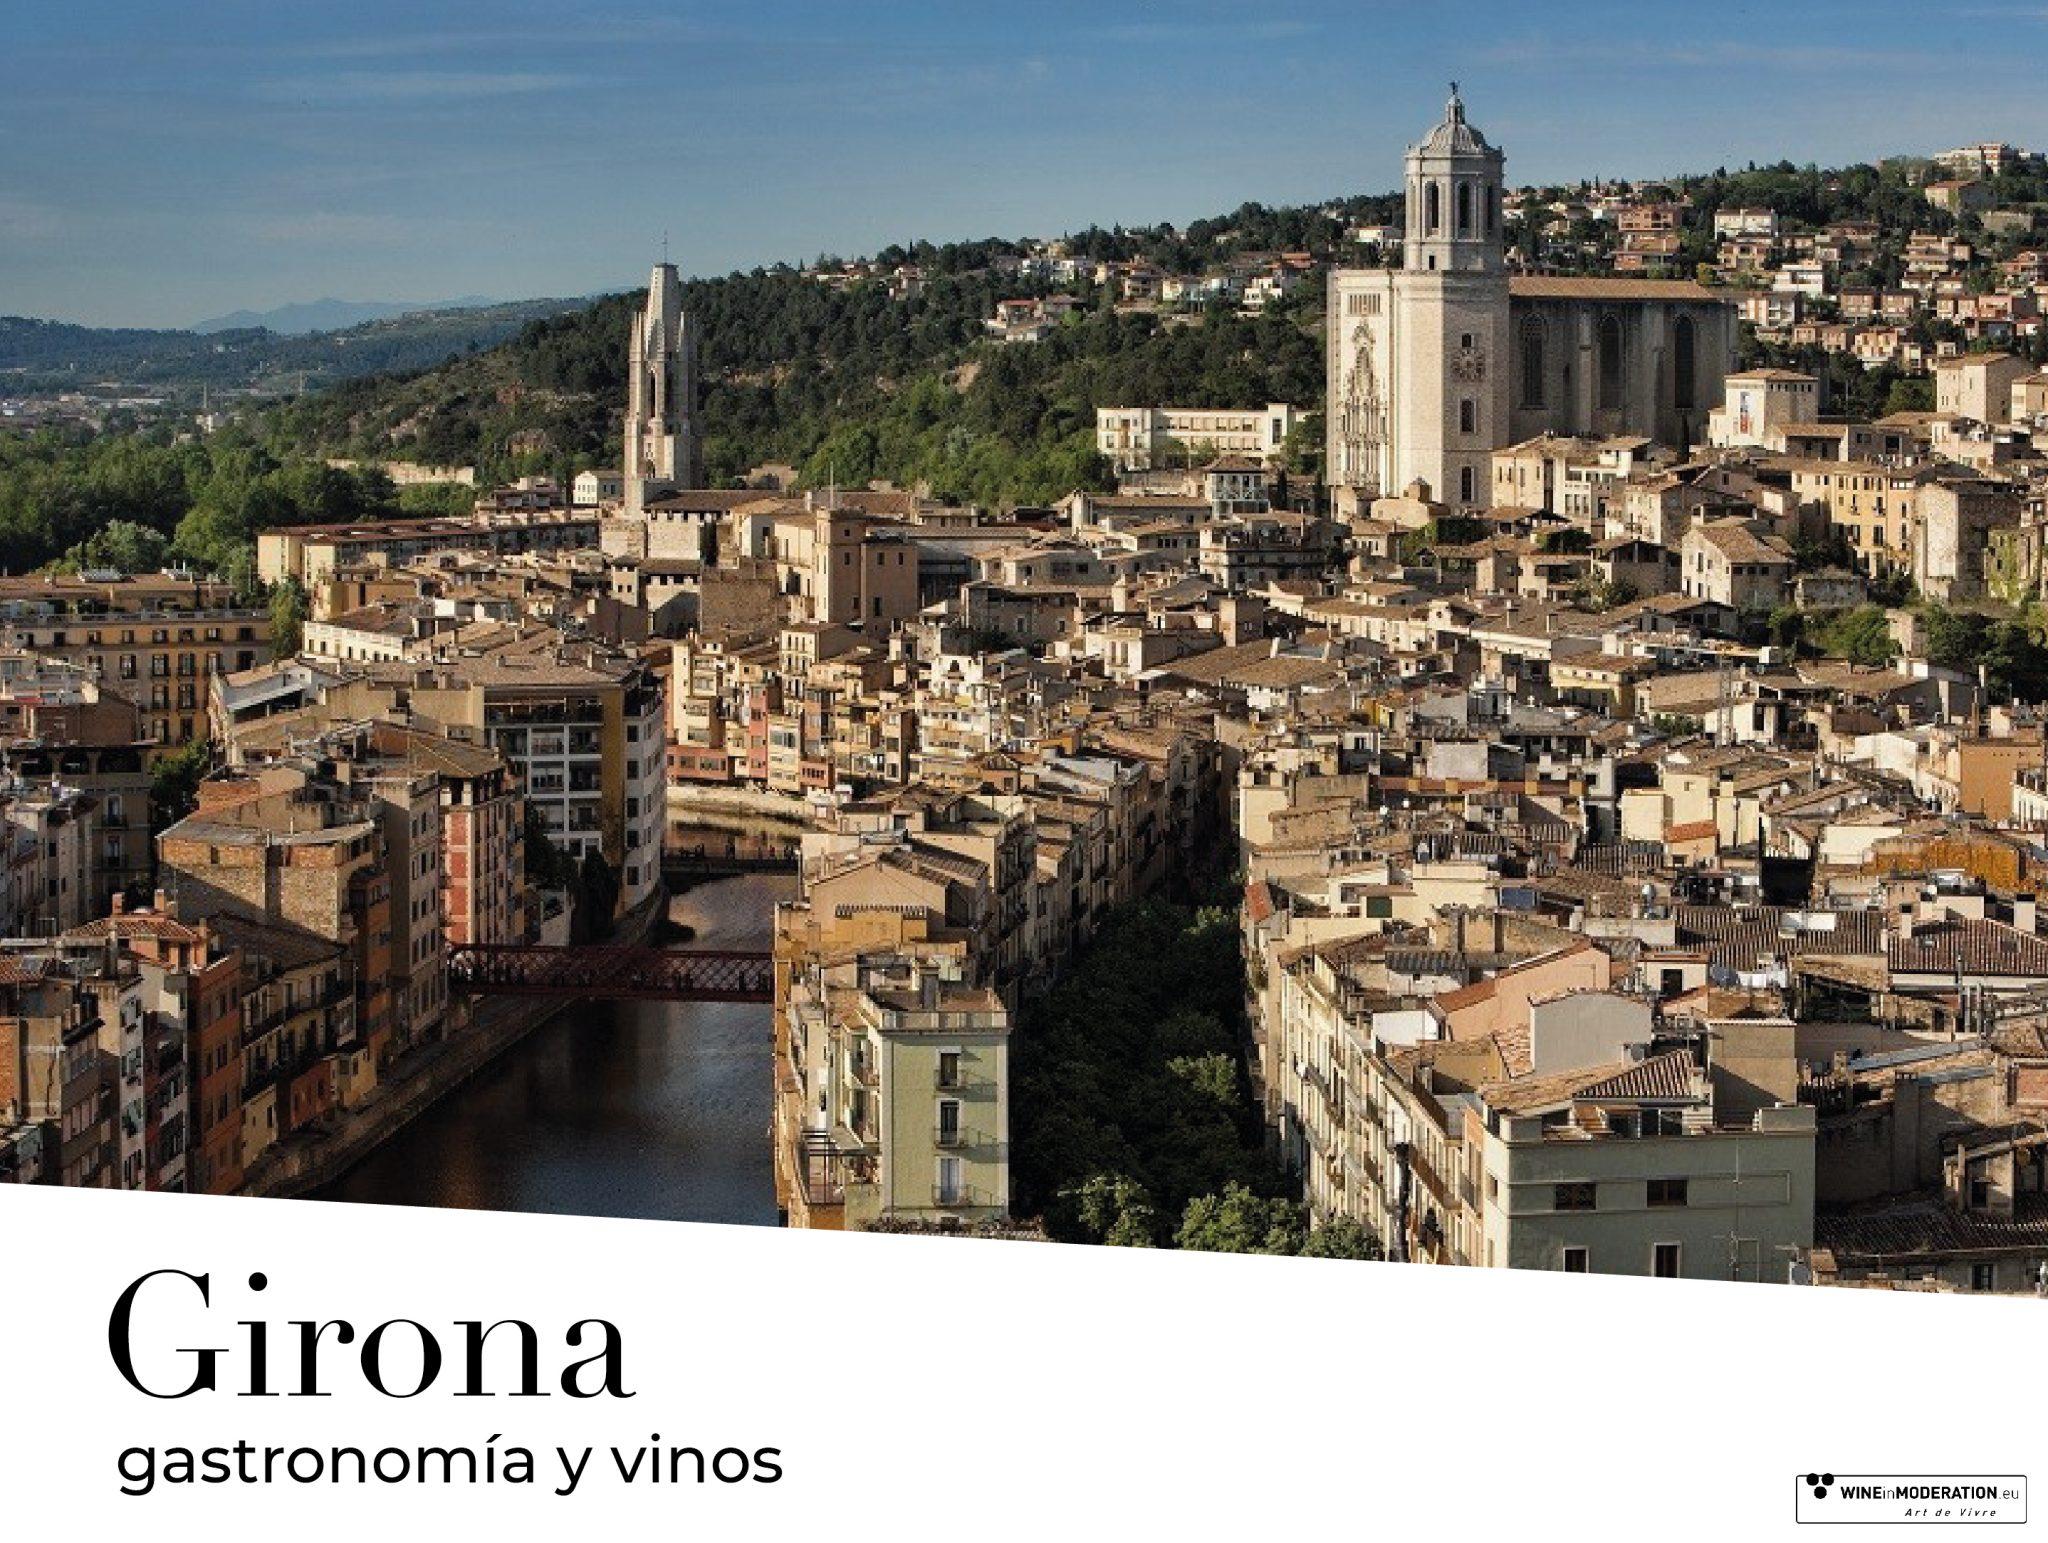 Gastronomía en Girona y vinos